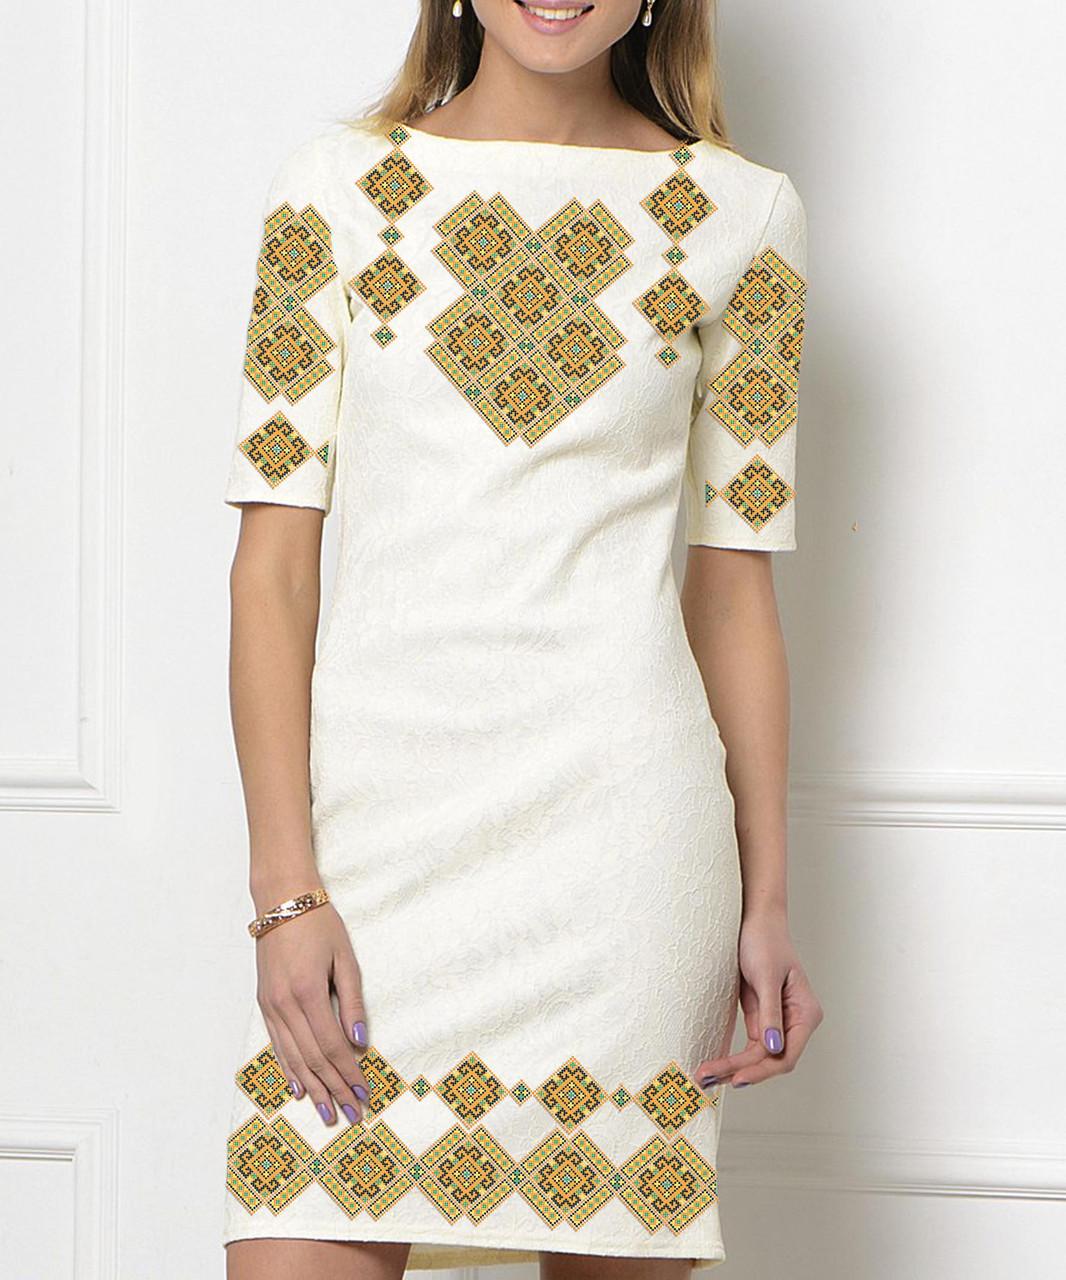 Заготовка жіночого плаття чи сукні для вишивки та вишивання бісером Бисерок  «Орнамент 60» (П-60 )